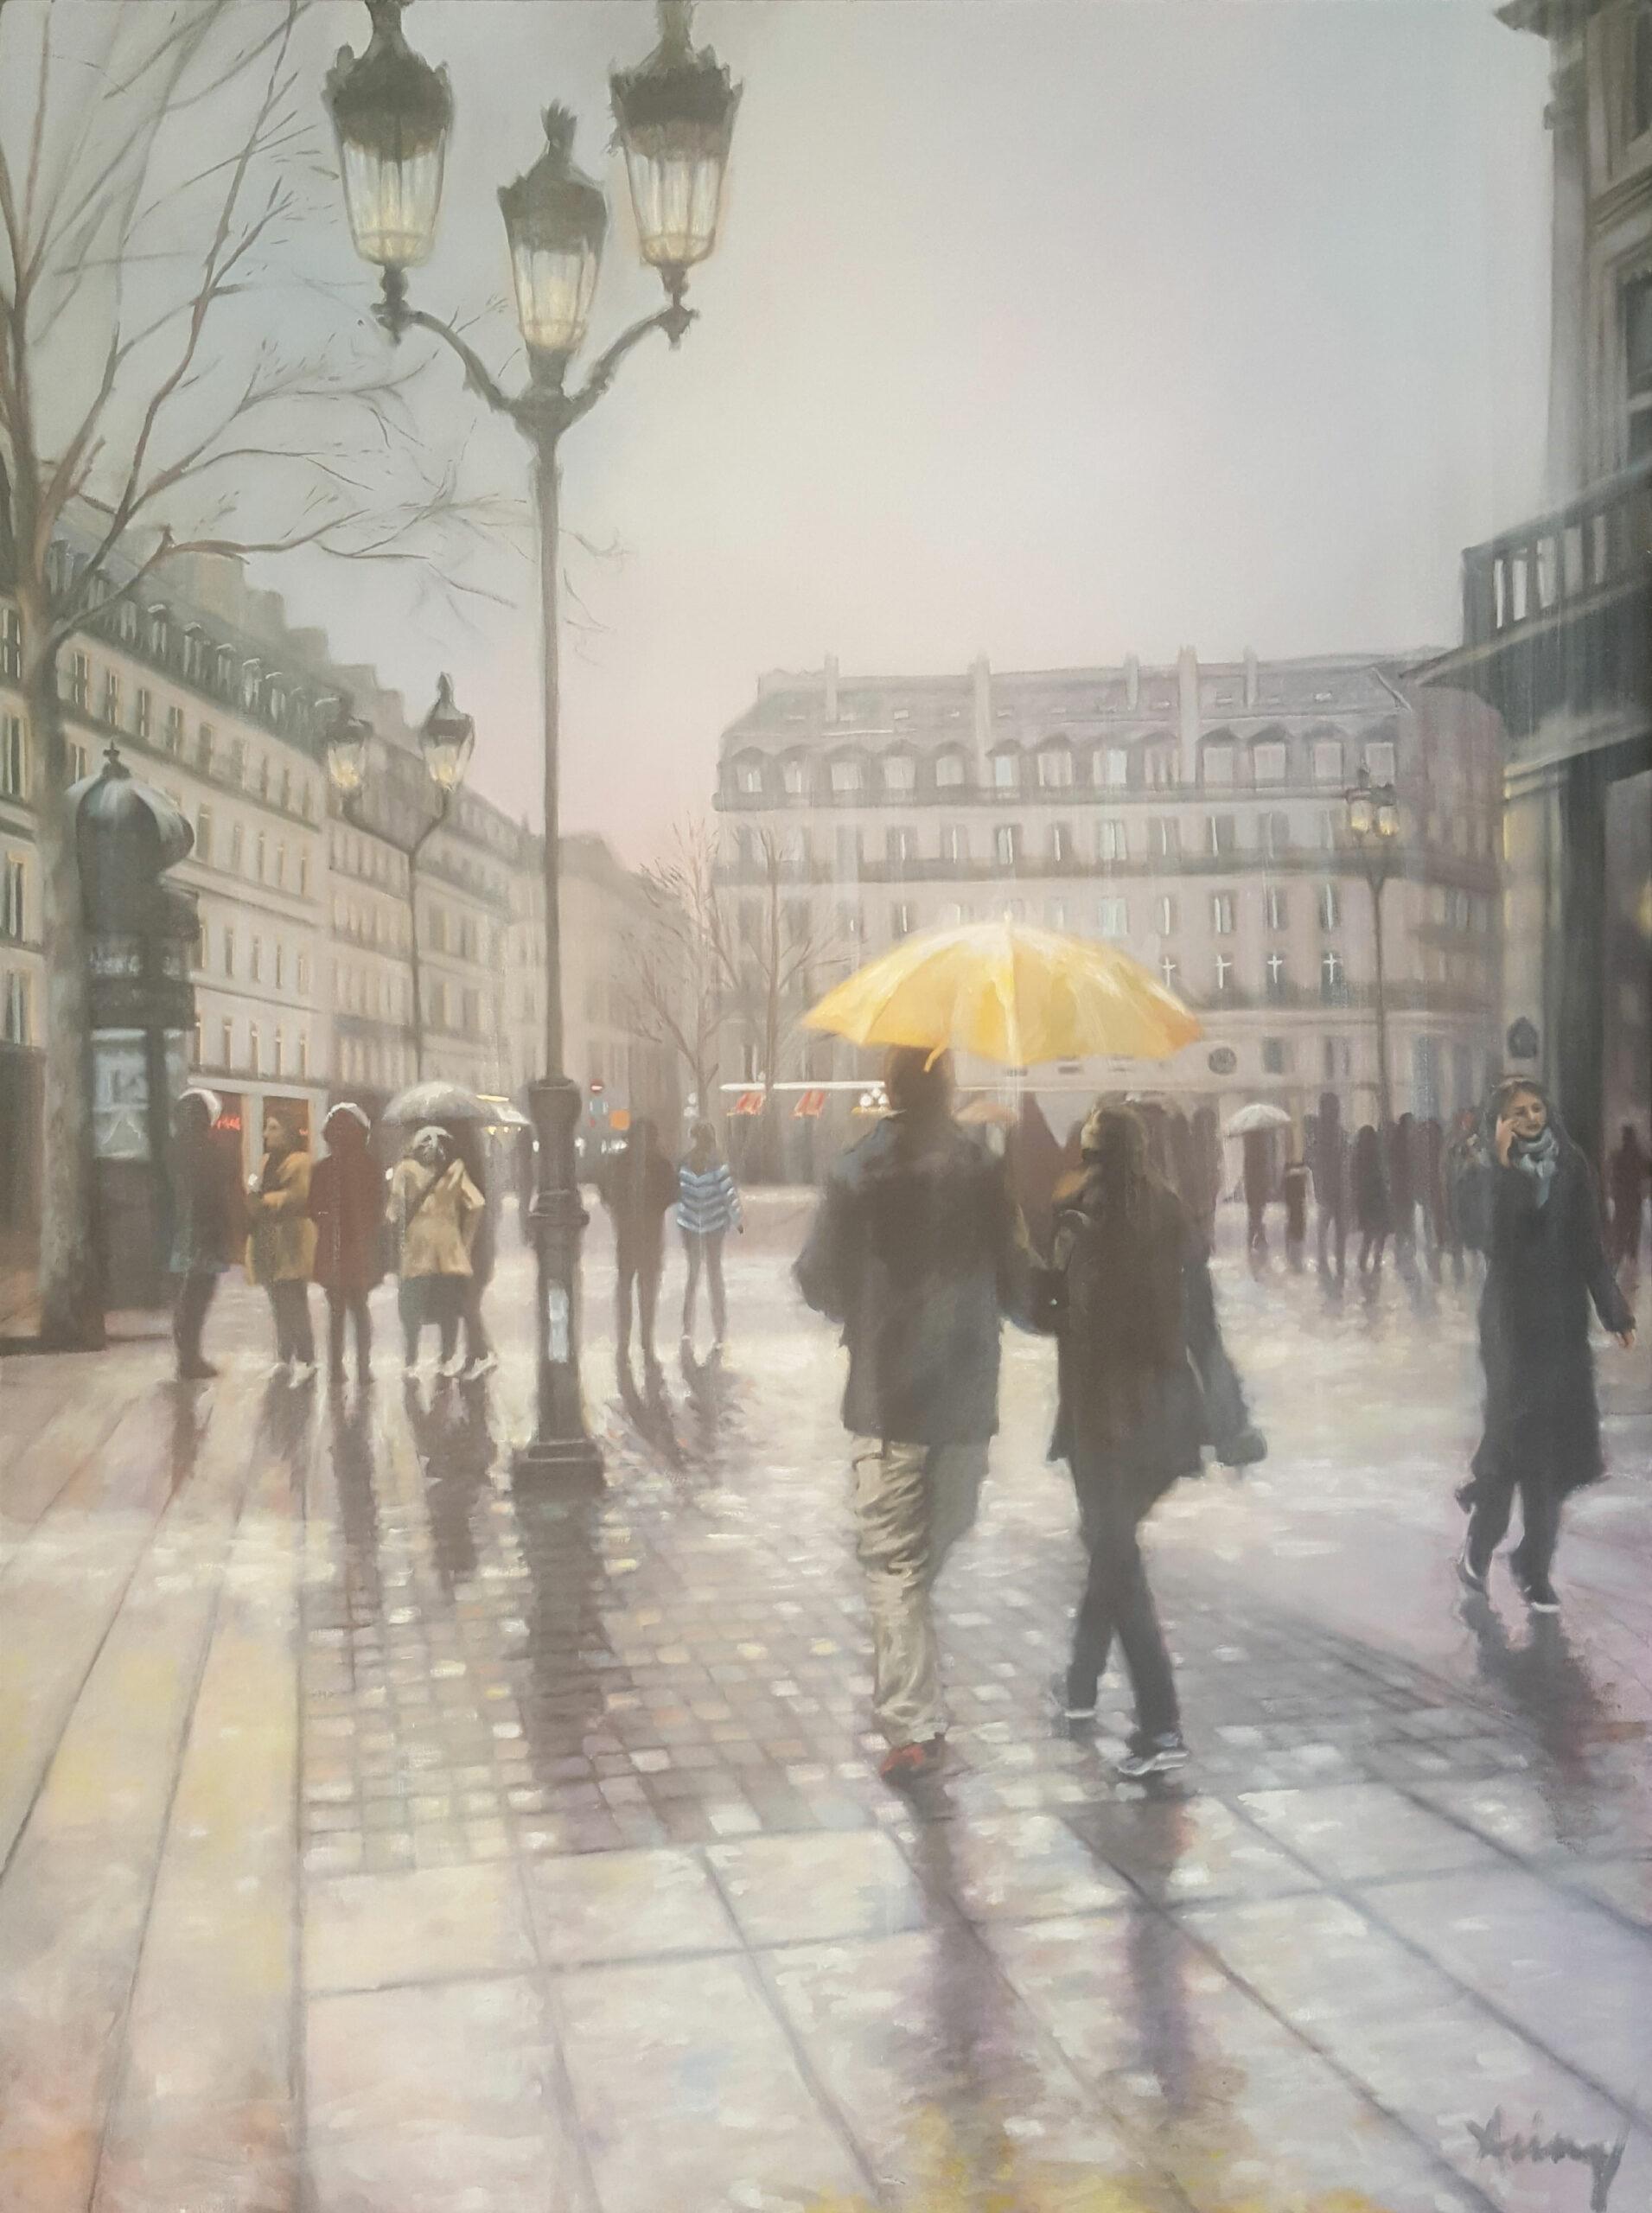 Raining love (Kimberly ARING)